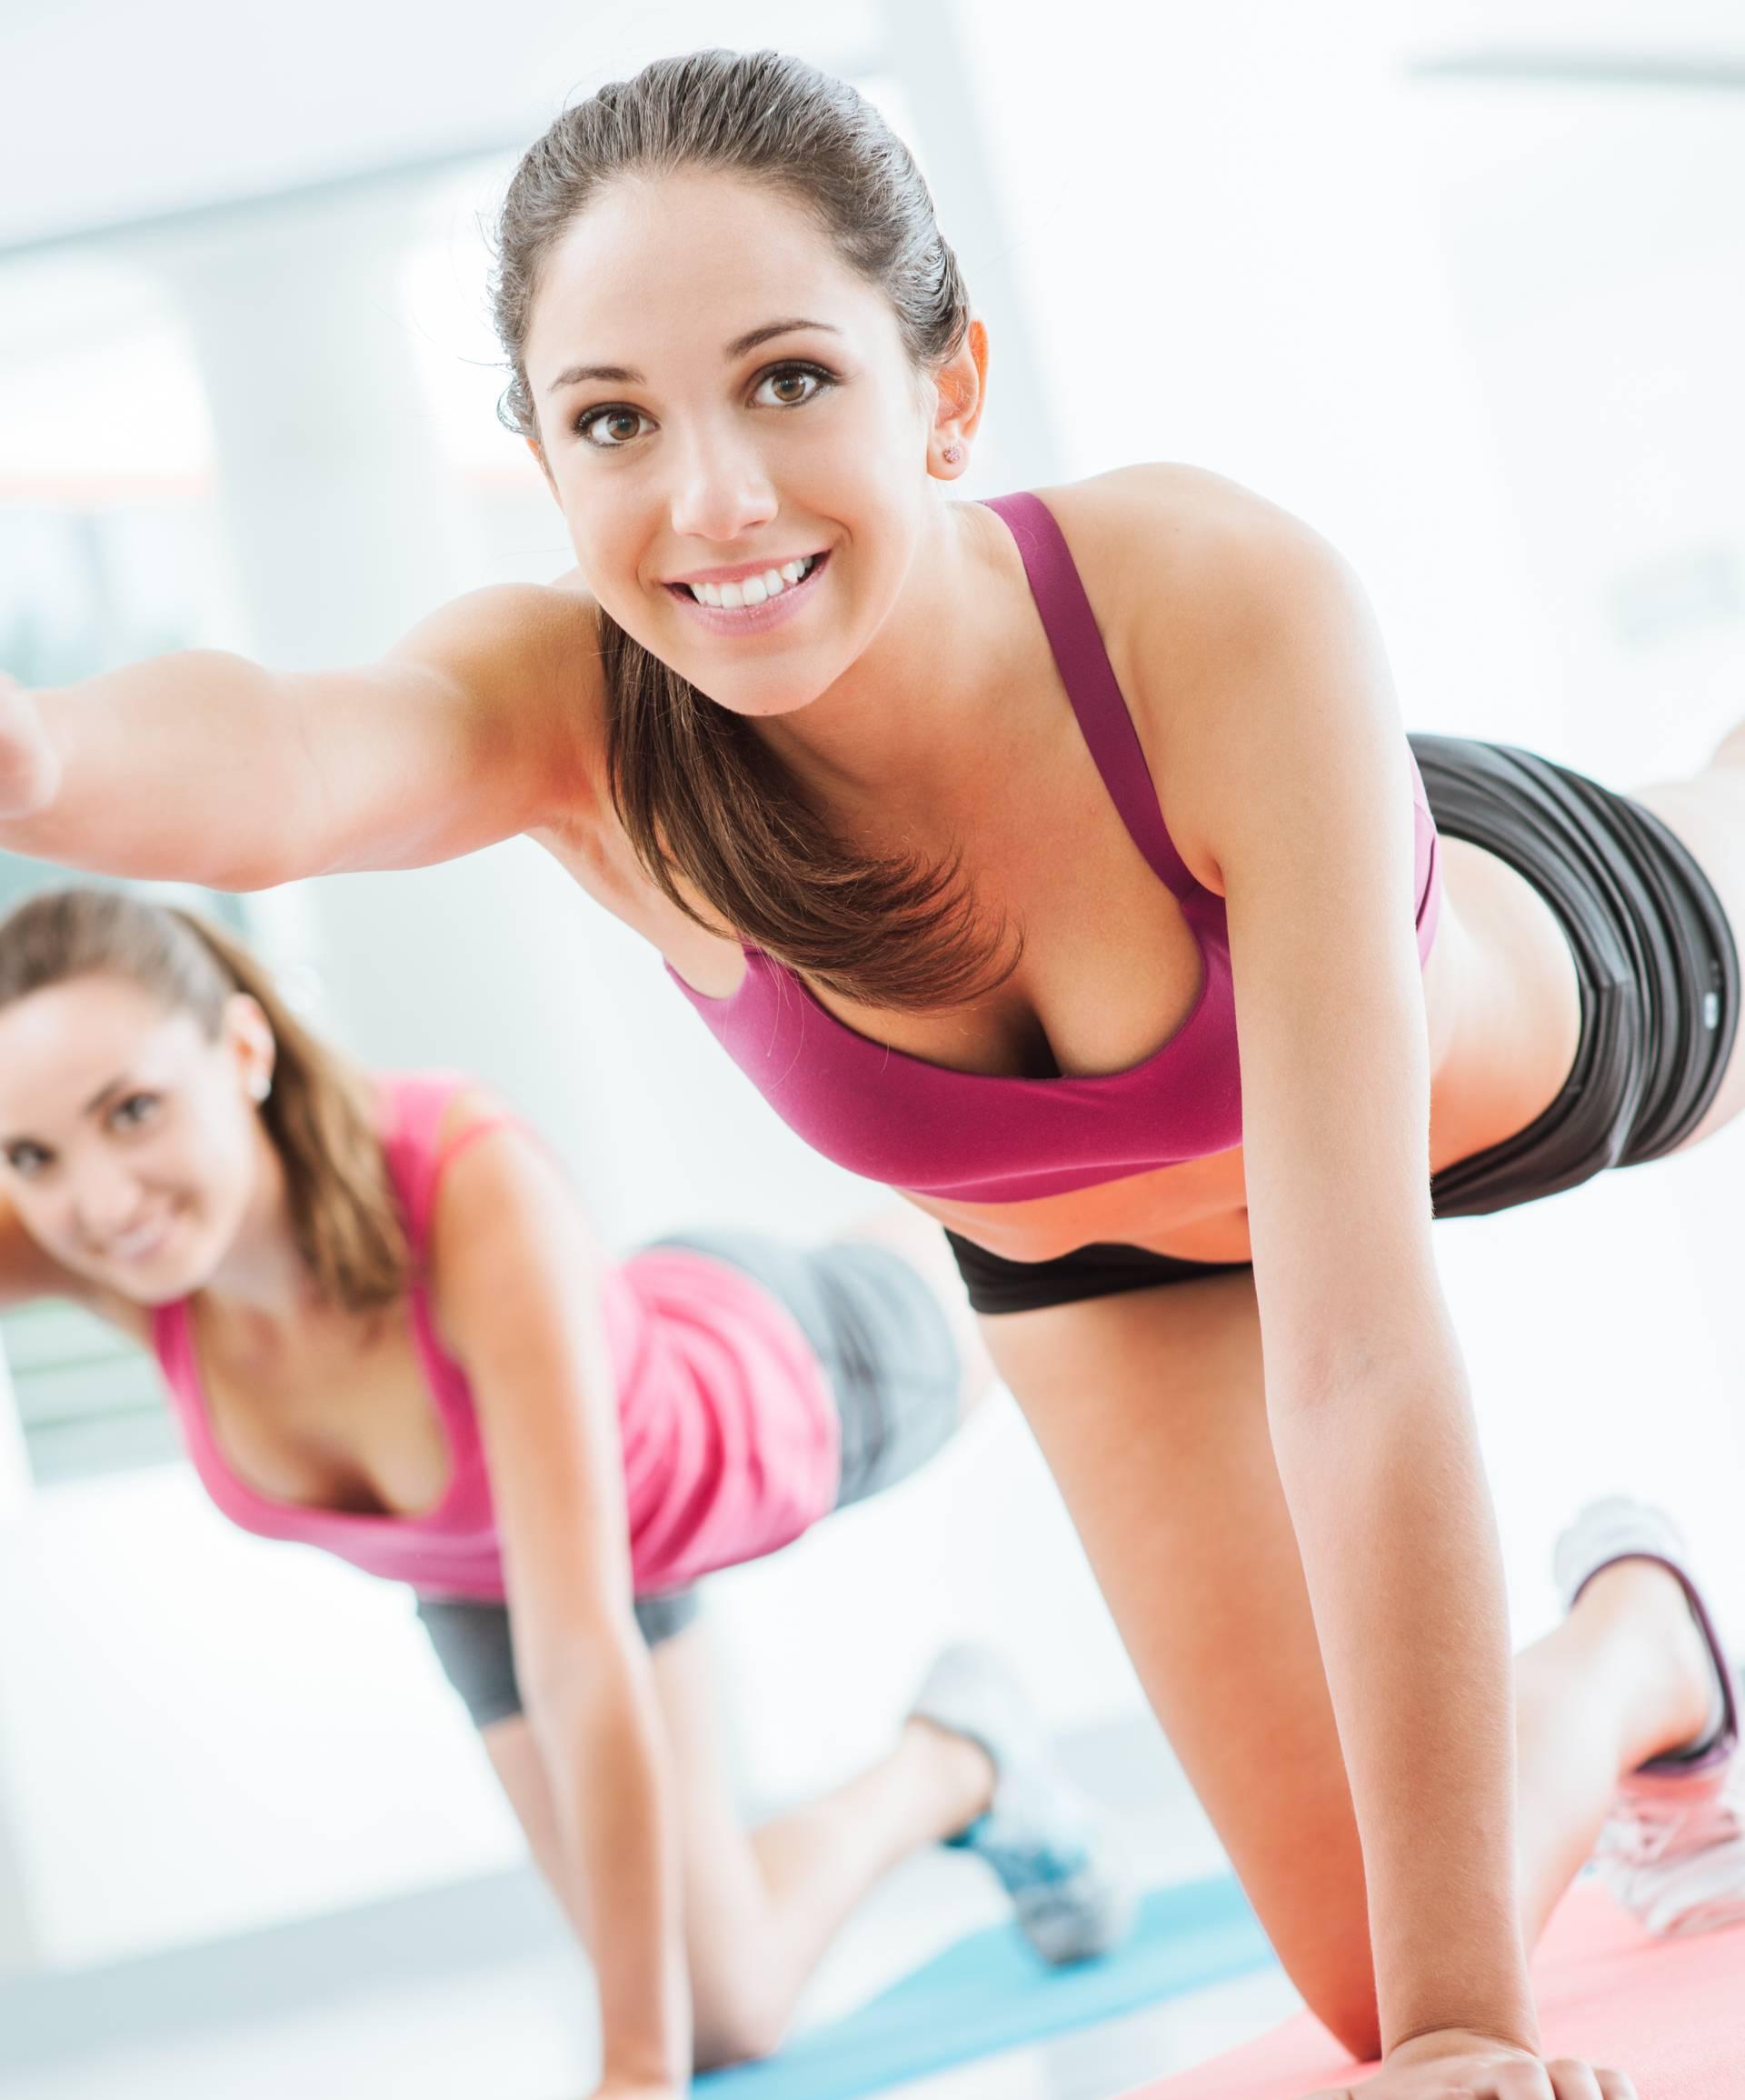 Za manje bolova treba vježbati u hladnijoj sobi - slušajte tijelo